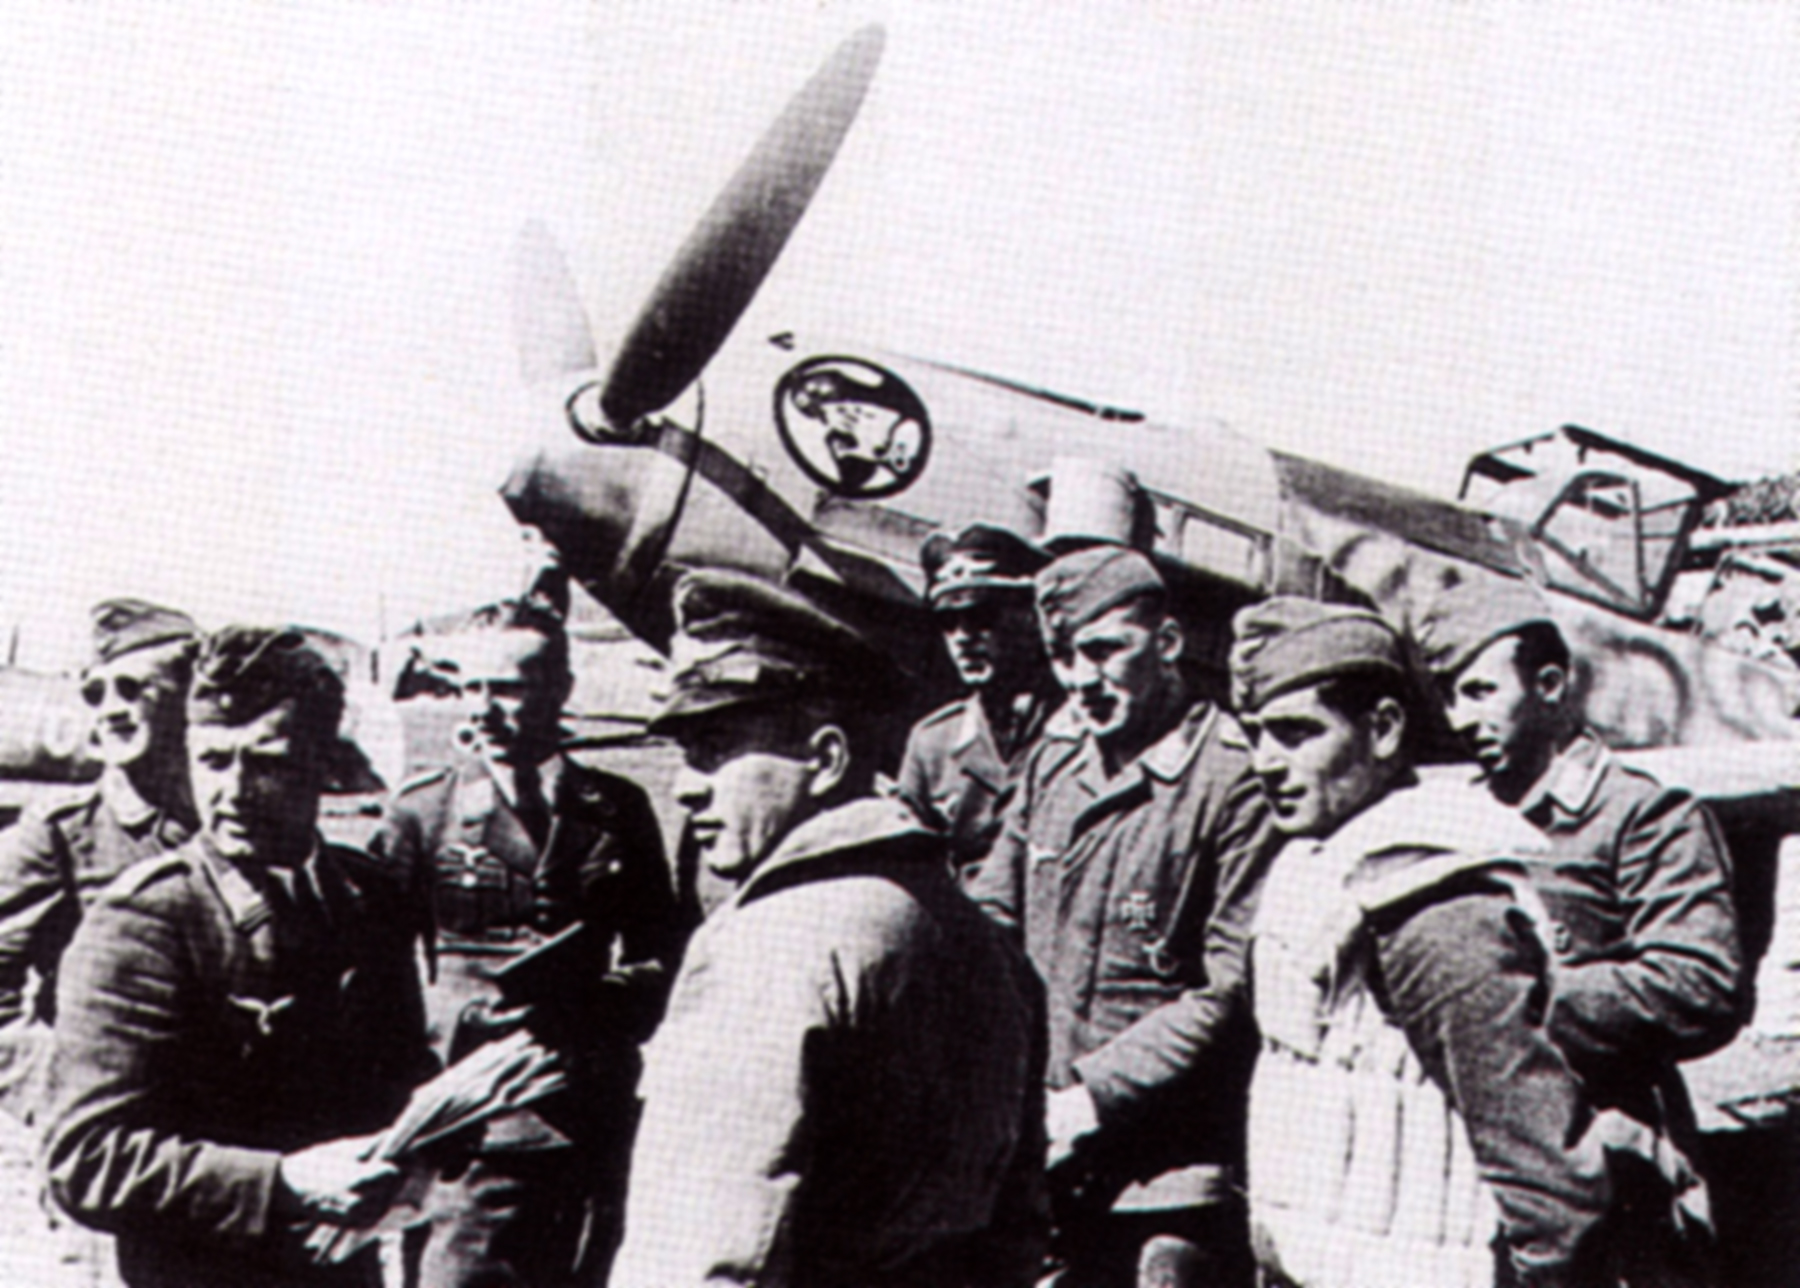 Aircrew Luftwaffe JG27 ace Werner Schroer 01